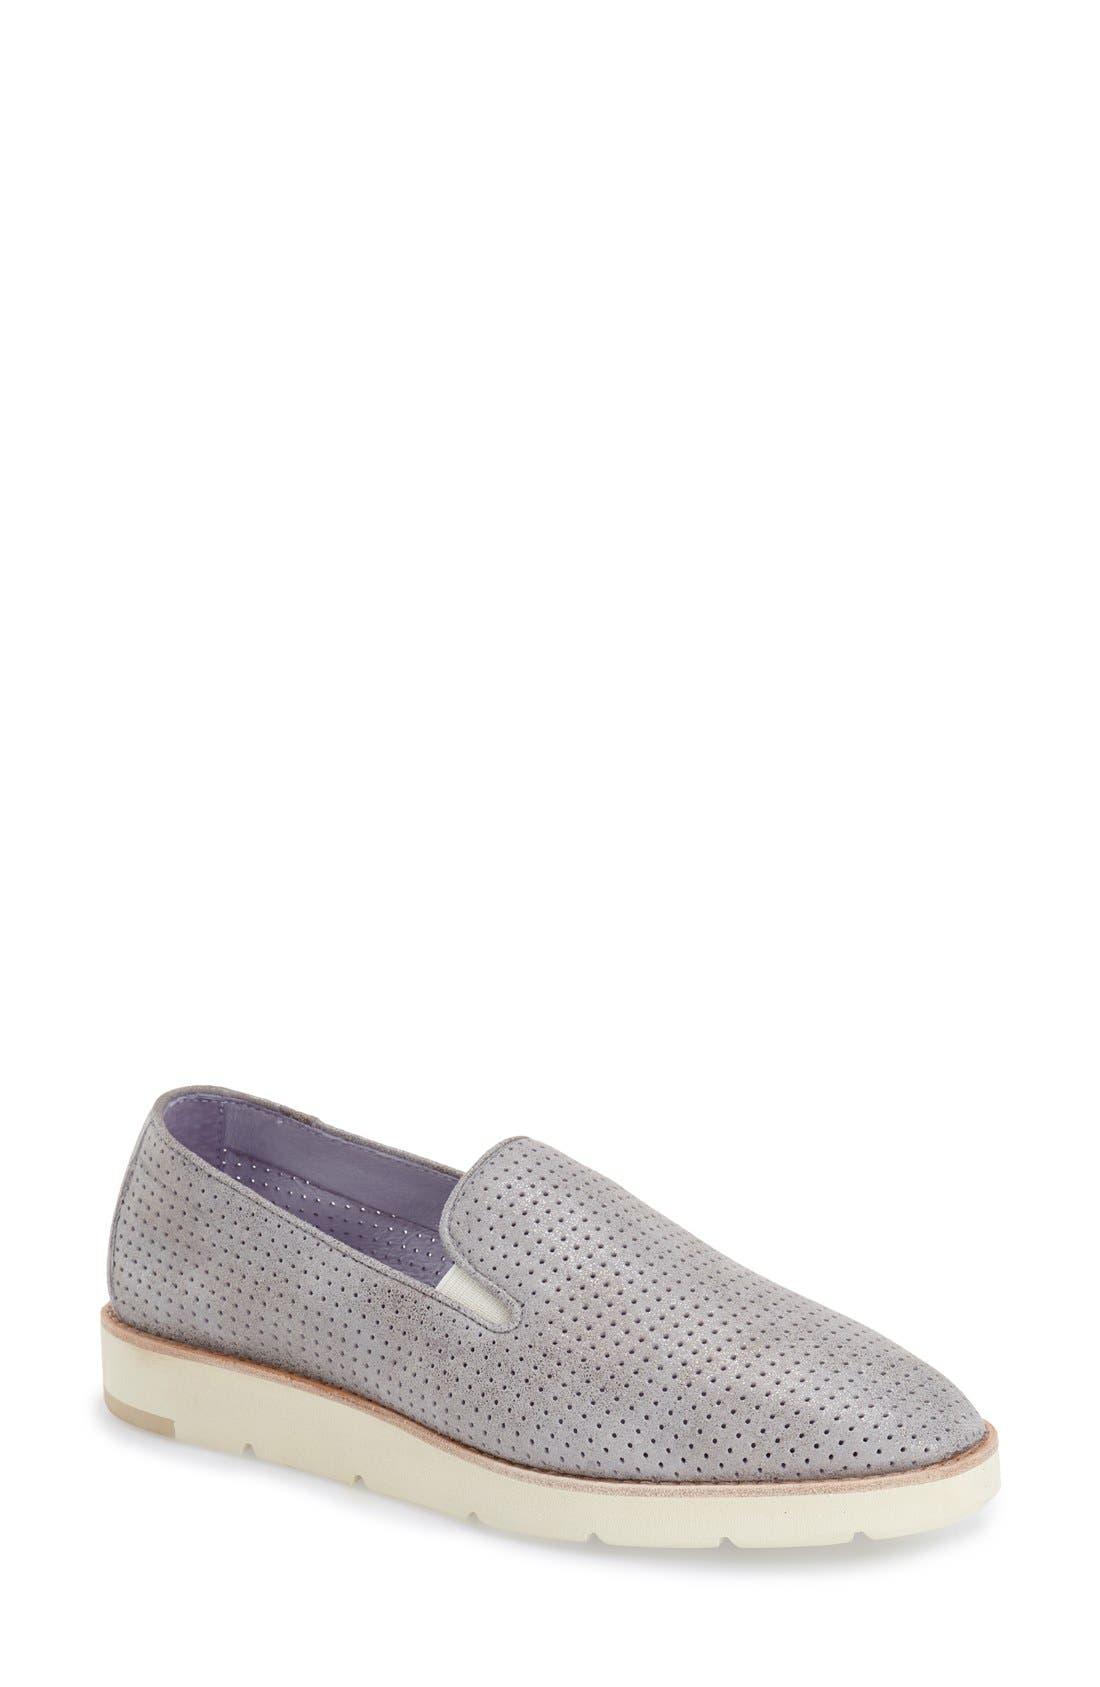 Main Image - Johnston & Murphy 'Paulette' Slip-On Sneaker (Women)